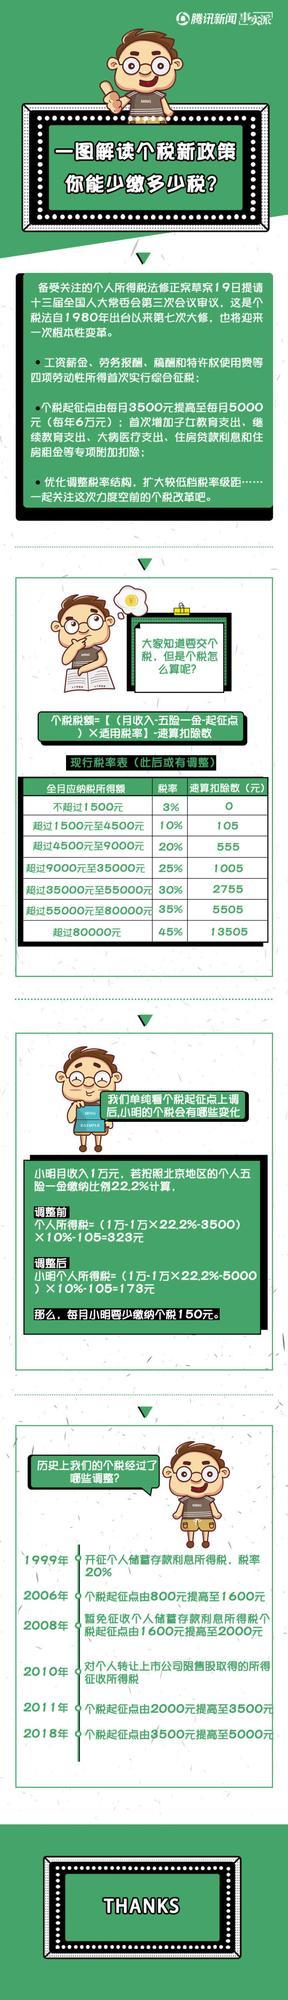 一图读懂个税起征点上调:月薪万元能省多少?